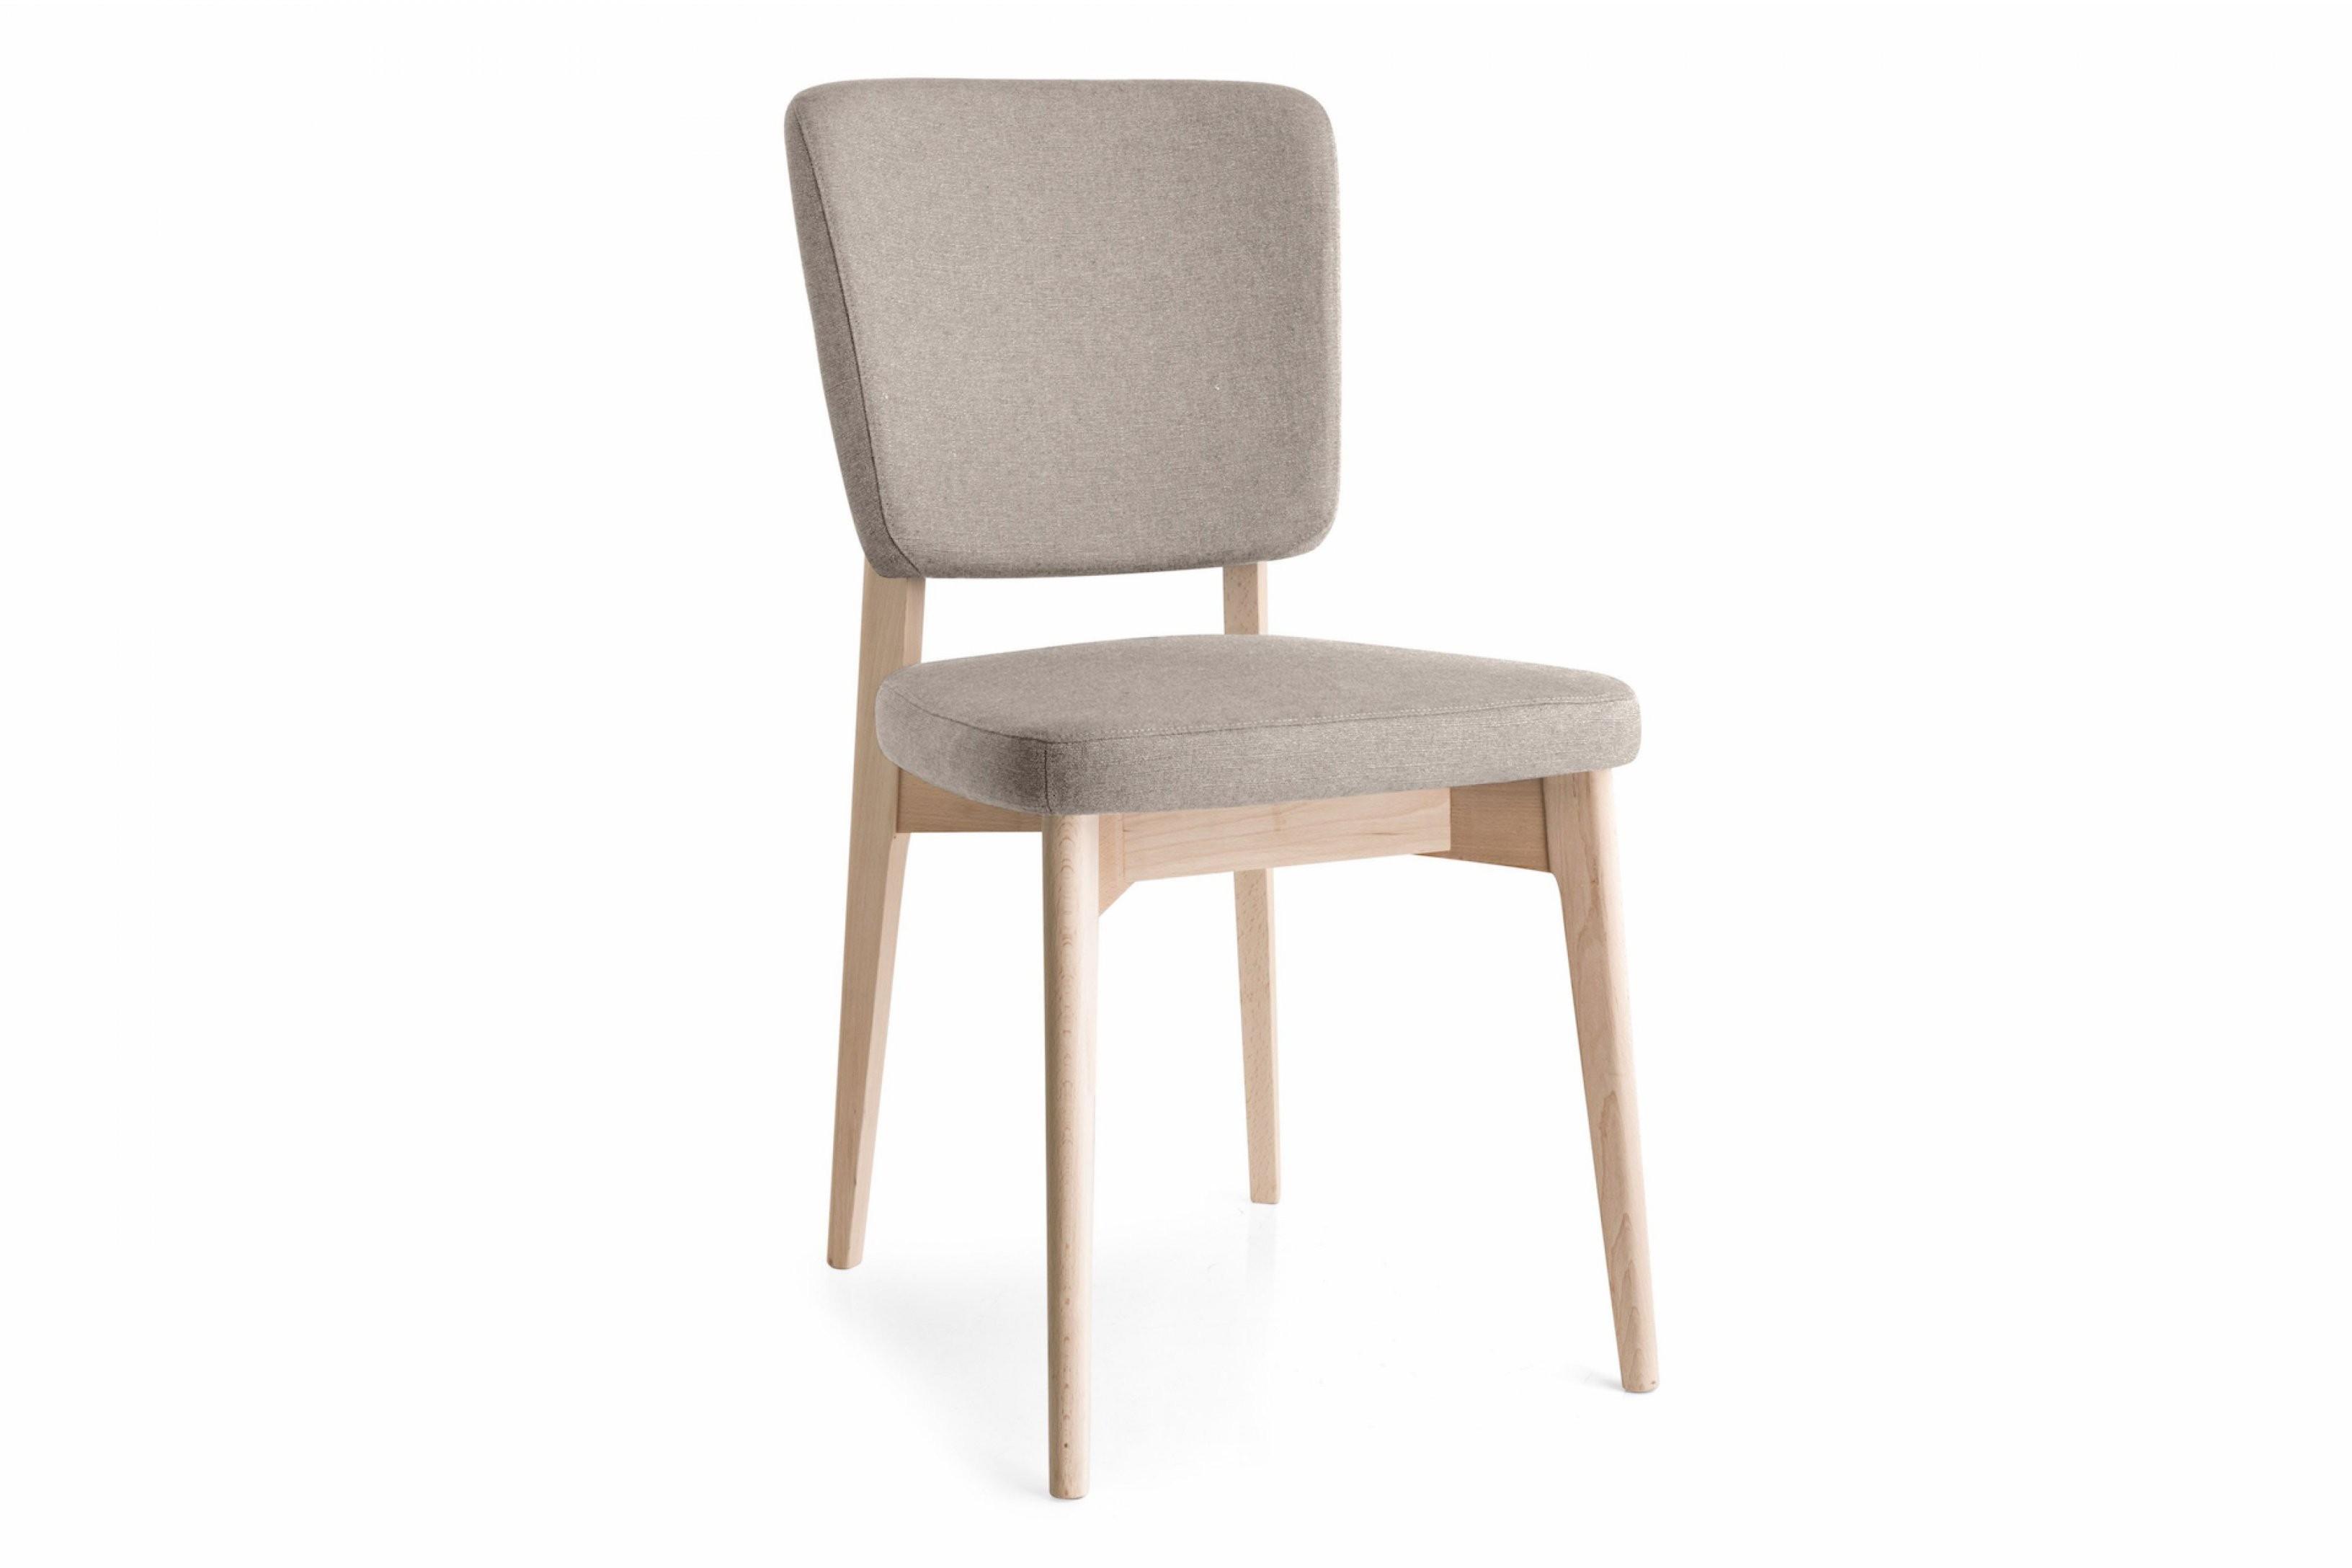 Skandinavische Stühle  Möbel Letz  Ihr Onlineshop von Skandinavische Stühle Günstig Bild